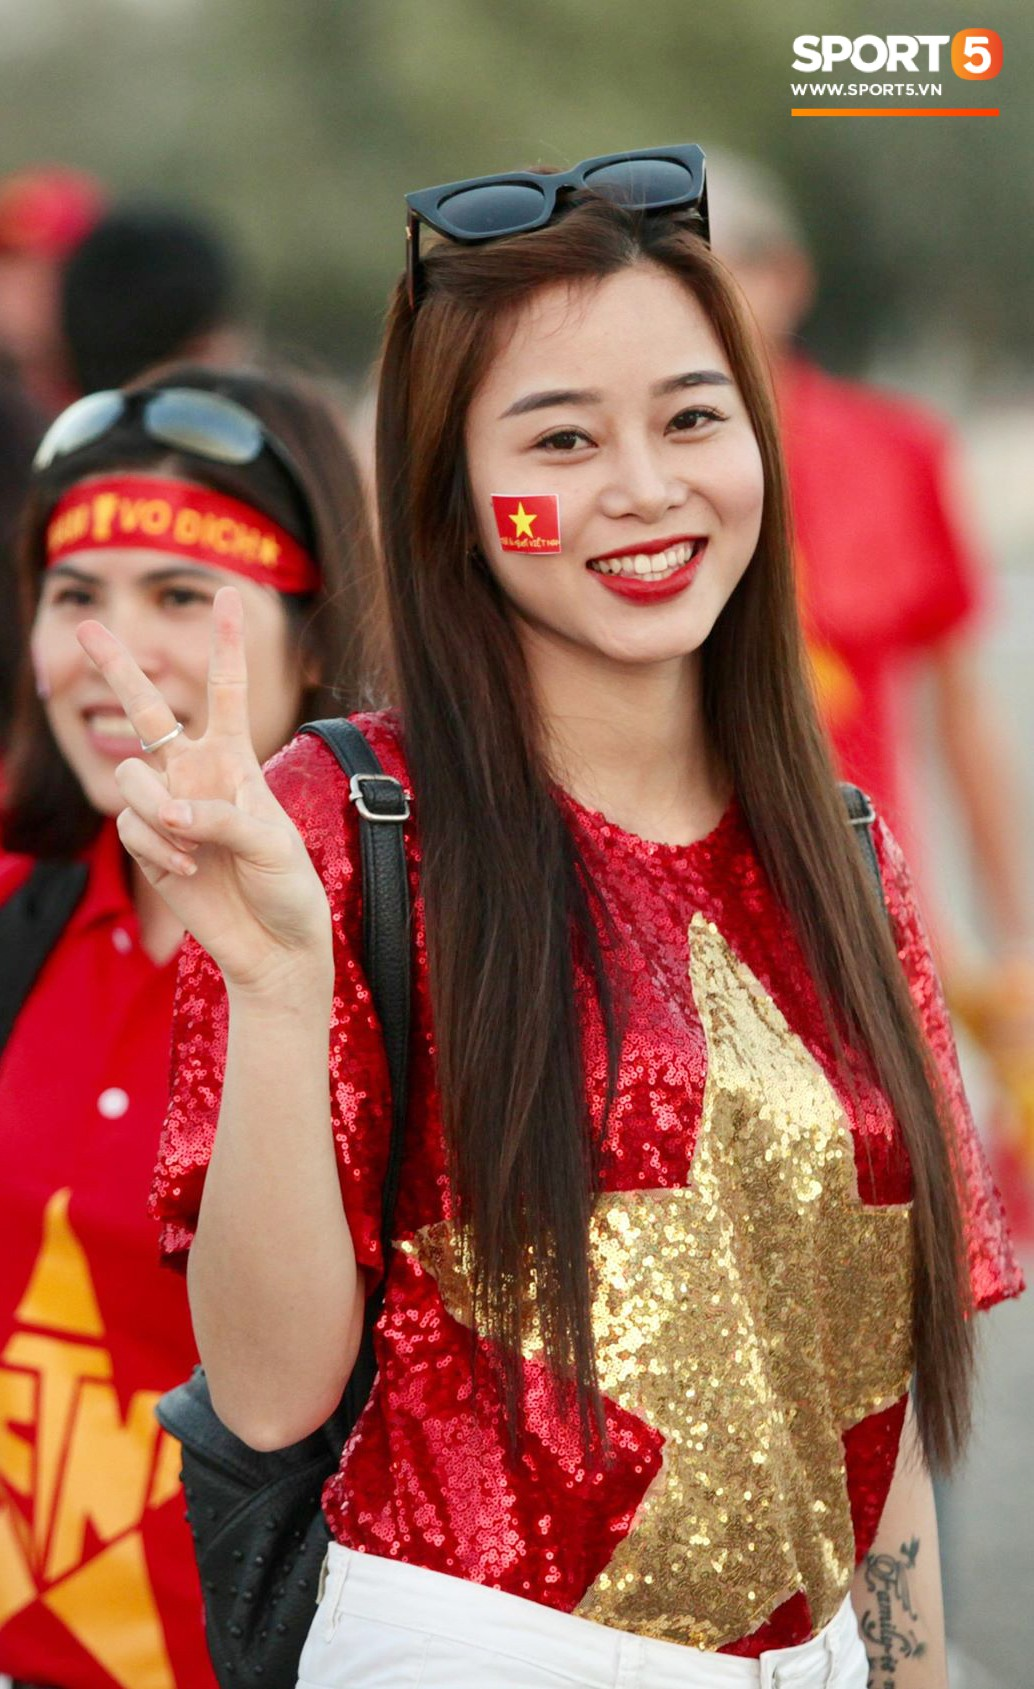 Cổ động viên Sài Gòn tiếp lửa cho đội tuyển Việt Nam lúc nửa đêm-2